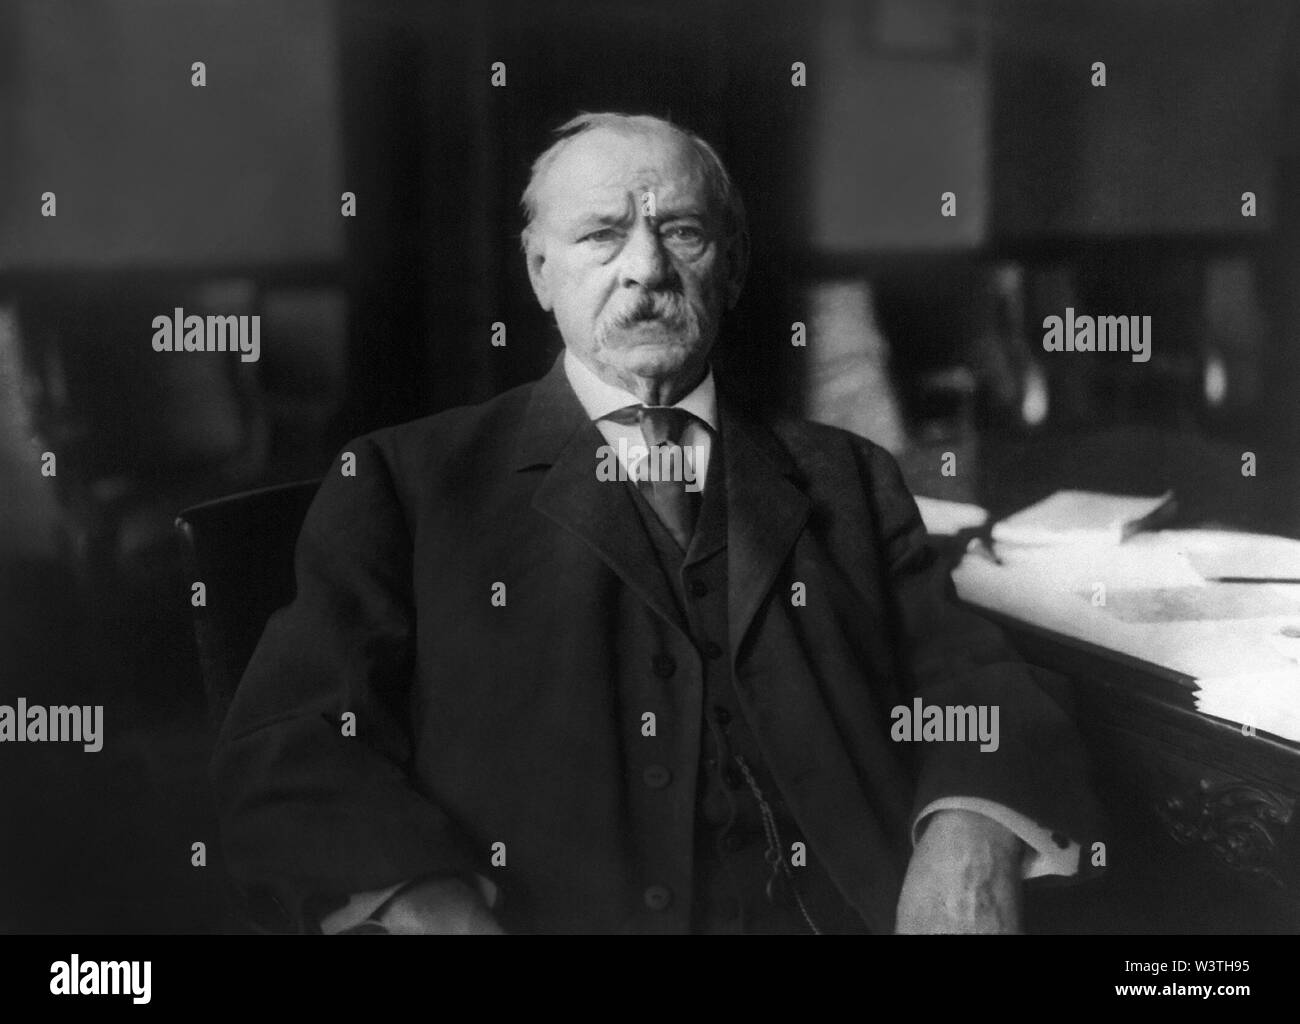 Grover Cleveland (1837-1908), 22º y 24º Presidente de los Estados Unidos 1885-89 y 1893-97, la cabeza y los hombros retrato en casa, Princeton, Nueva Jersey, Estados Unidos, Fotografía por New York Herald Company, 1908 Imagen De Stock